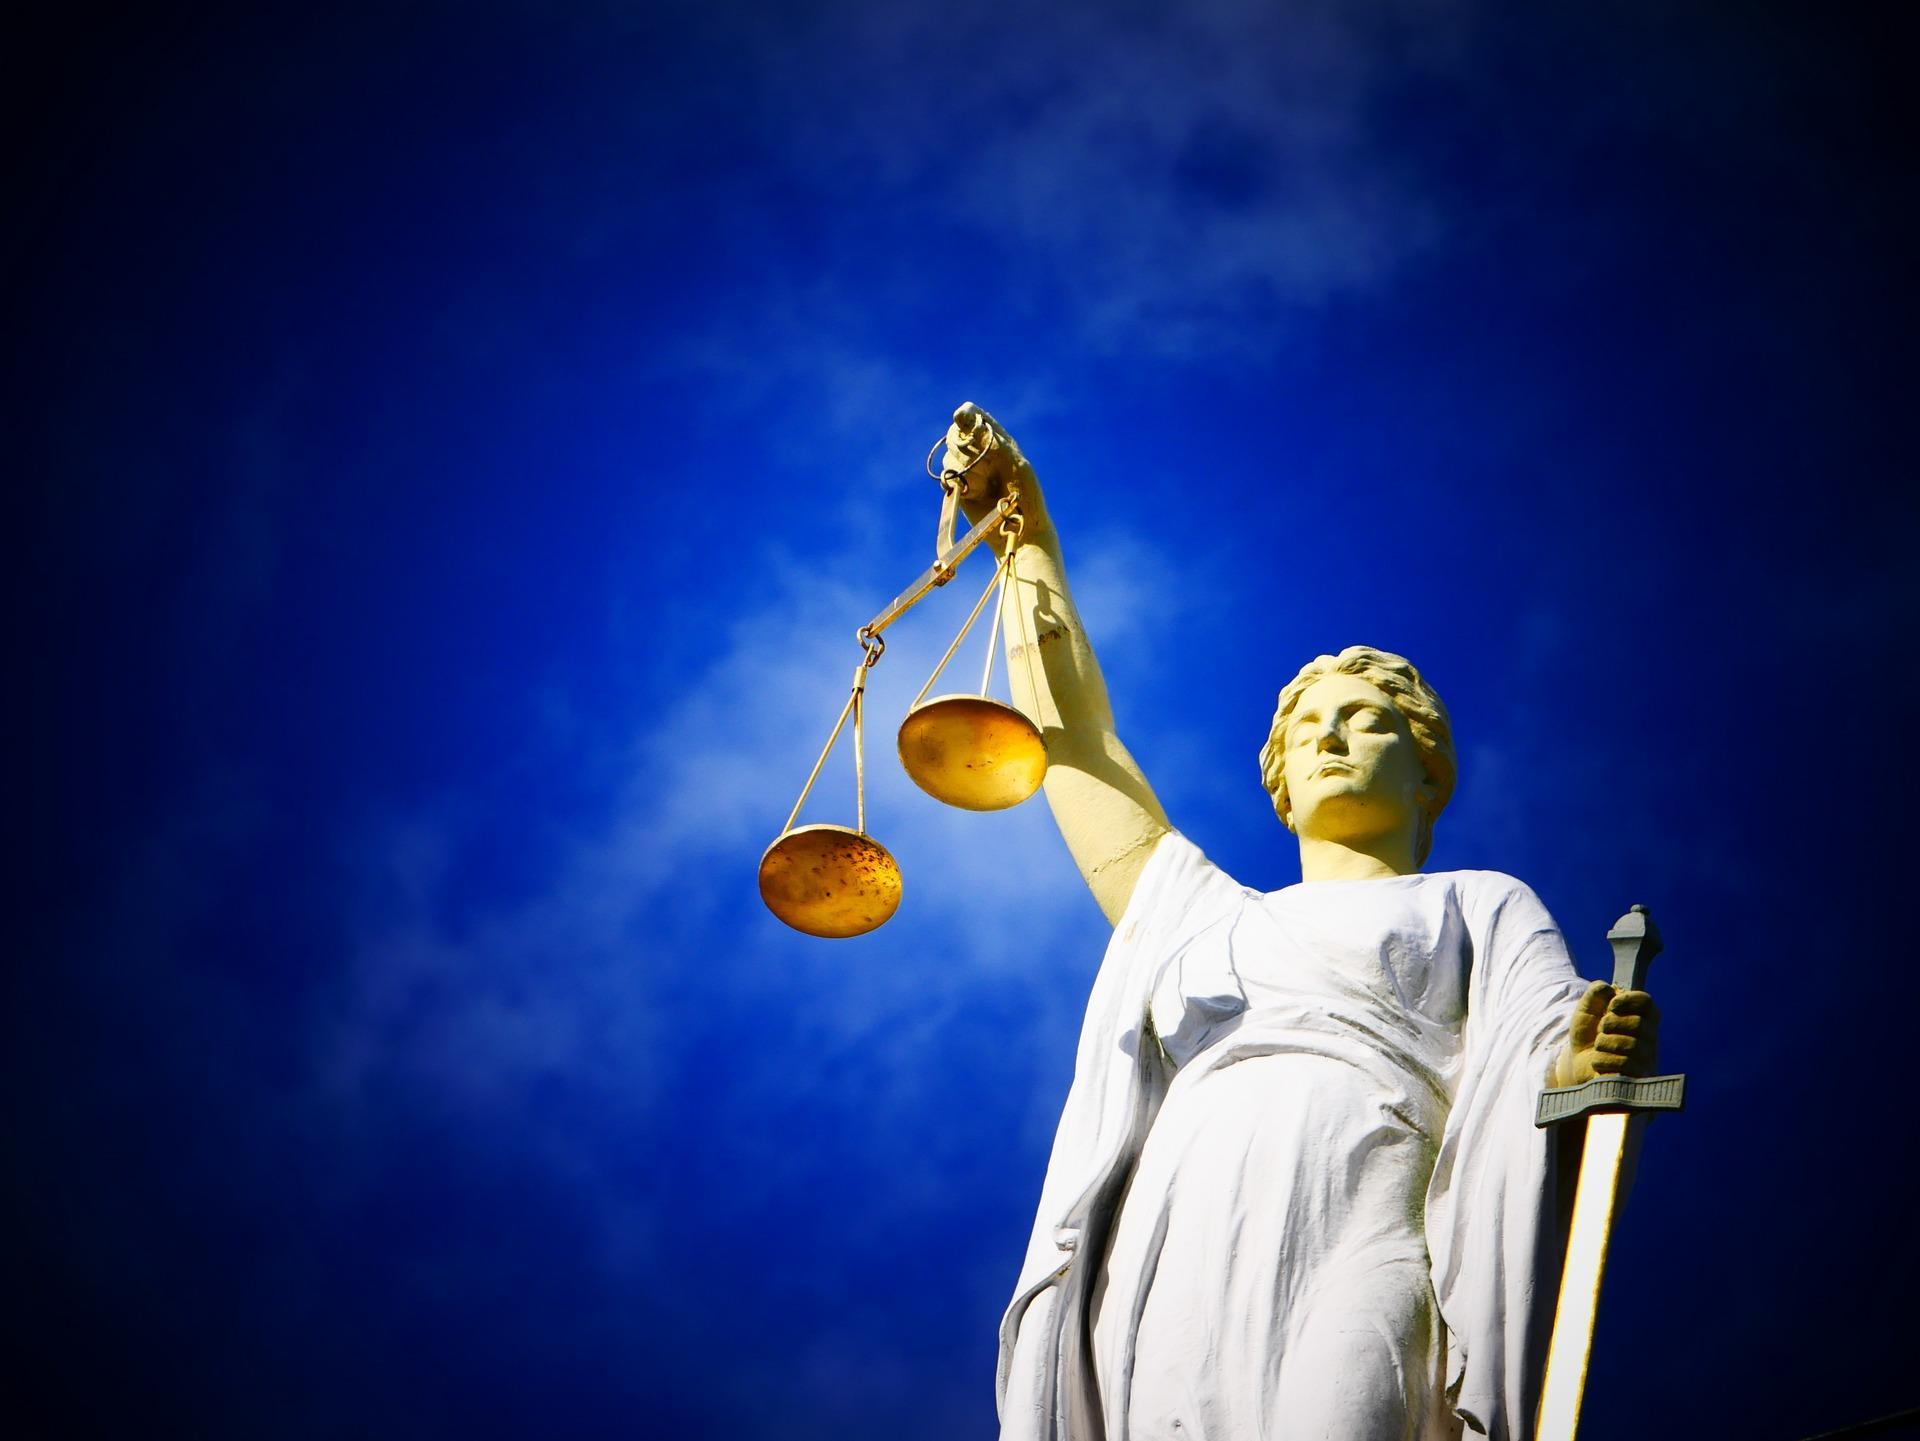 Zaandammer (31) krijgt werkstraf voor keel dichtknijpen van moeder. 'Ik heb haar met geen vinger aangeraakt'